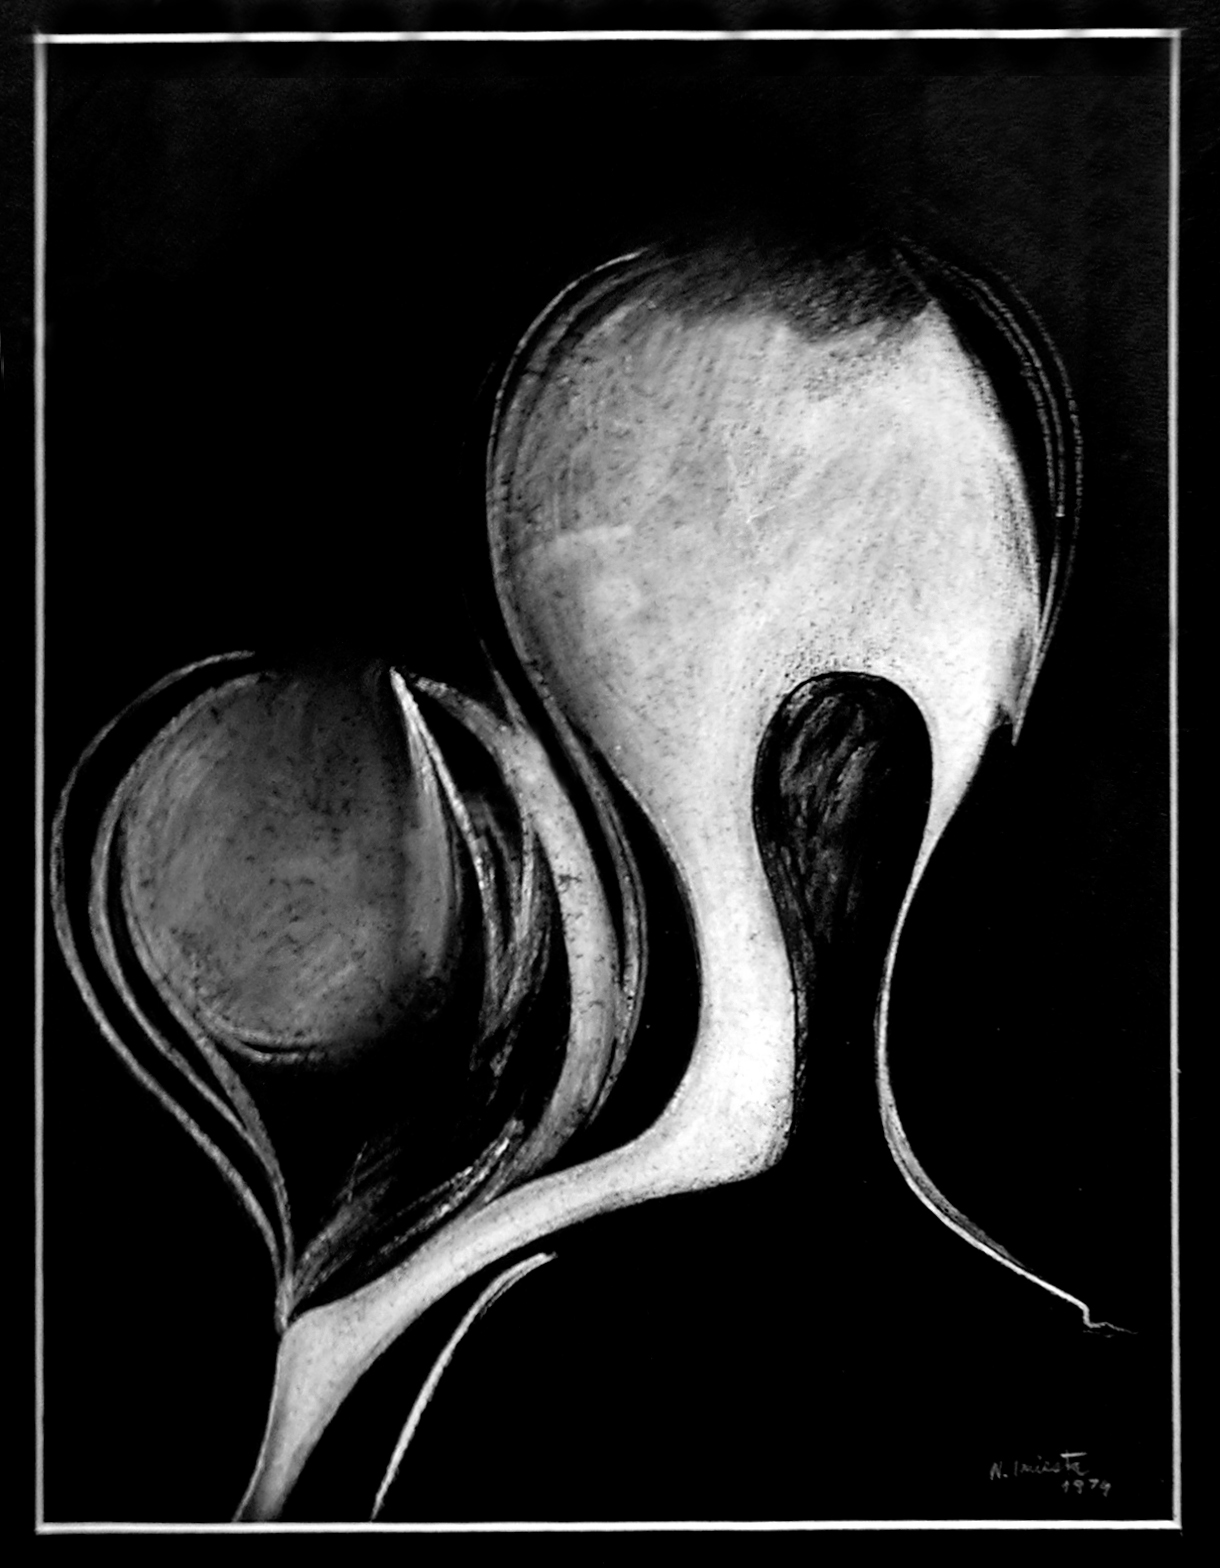 Él y su mundo, dibujo lápiz blanco 29,5 x 22,5 cm 1973